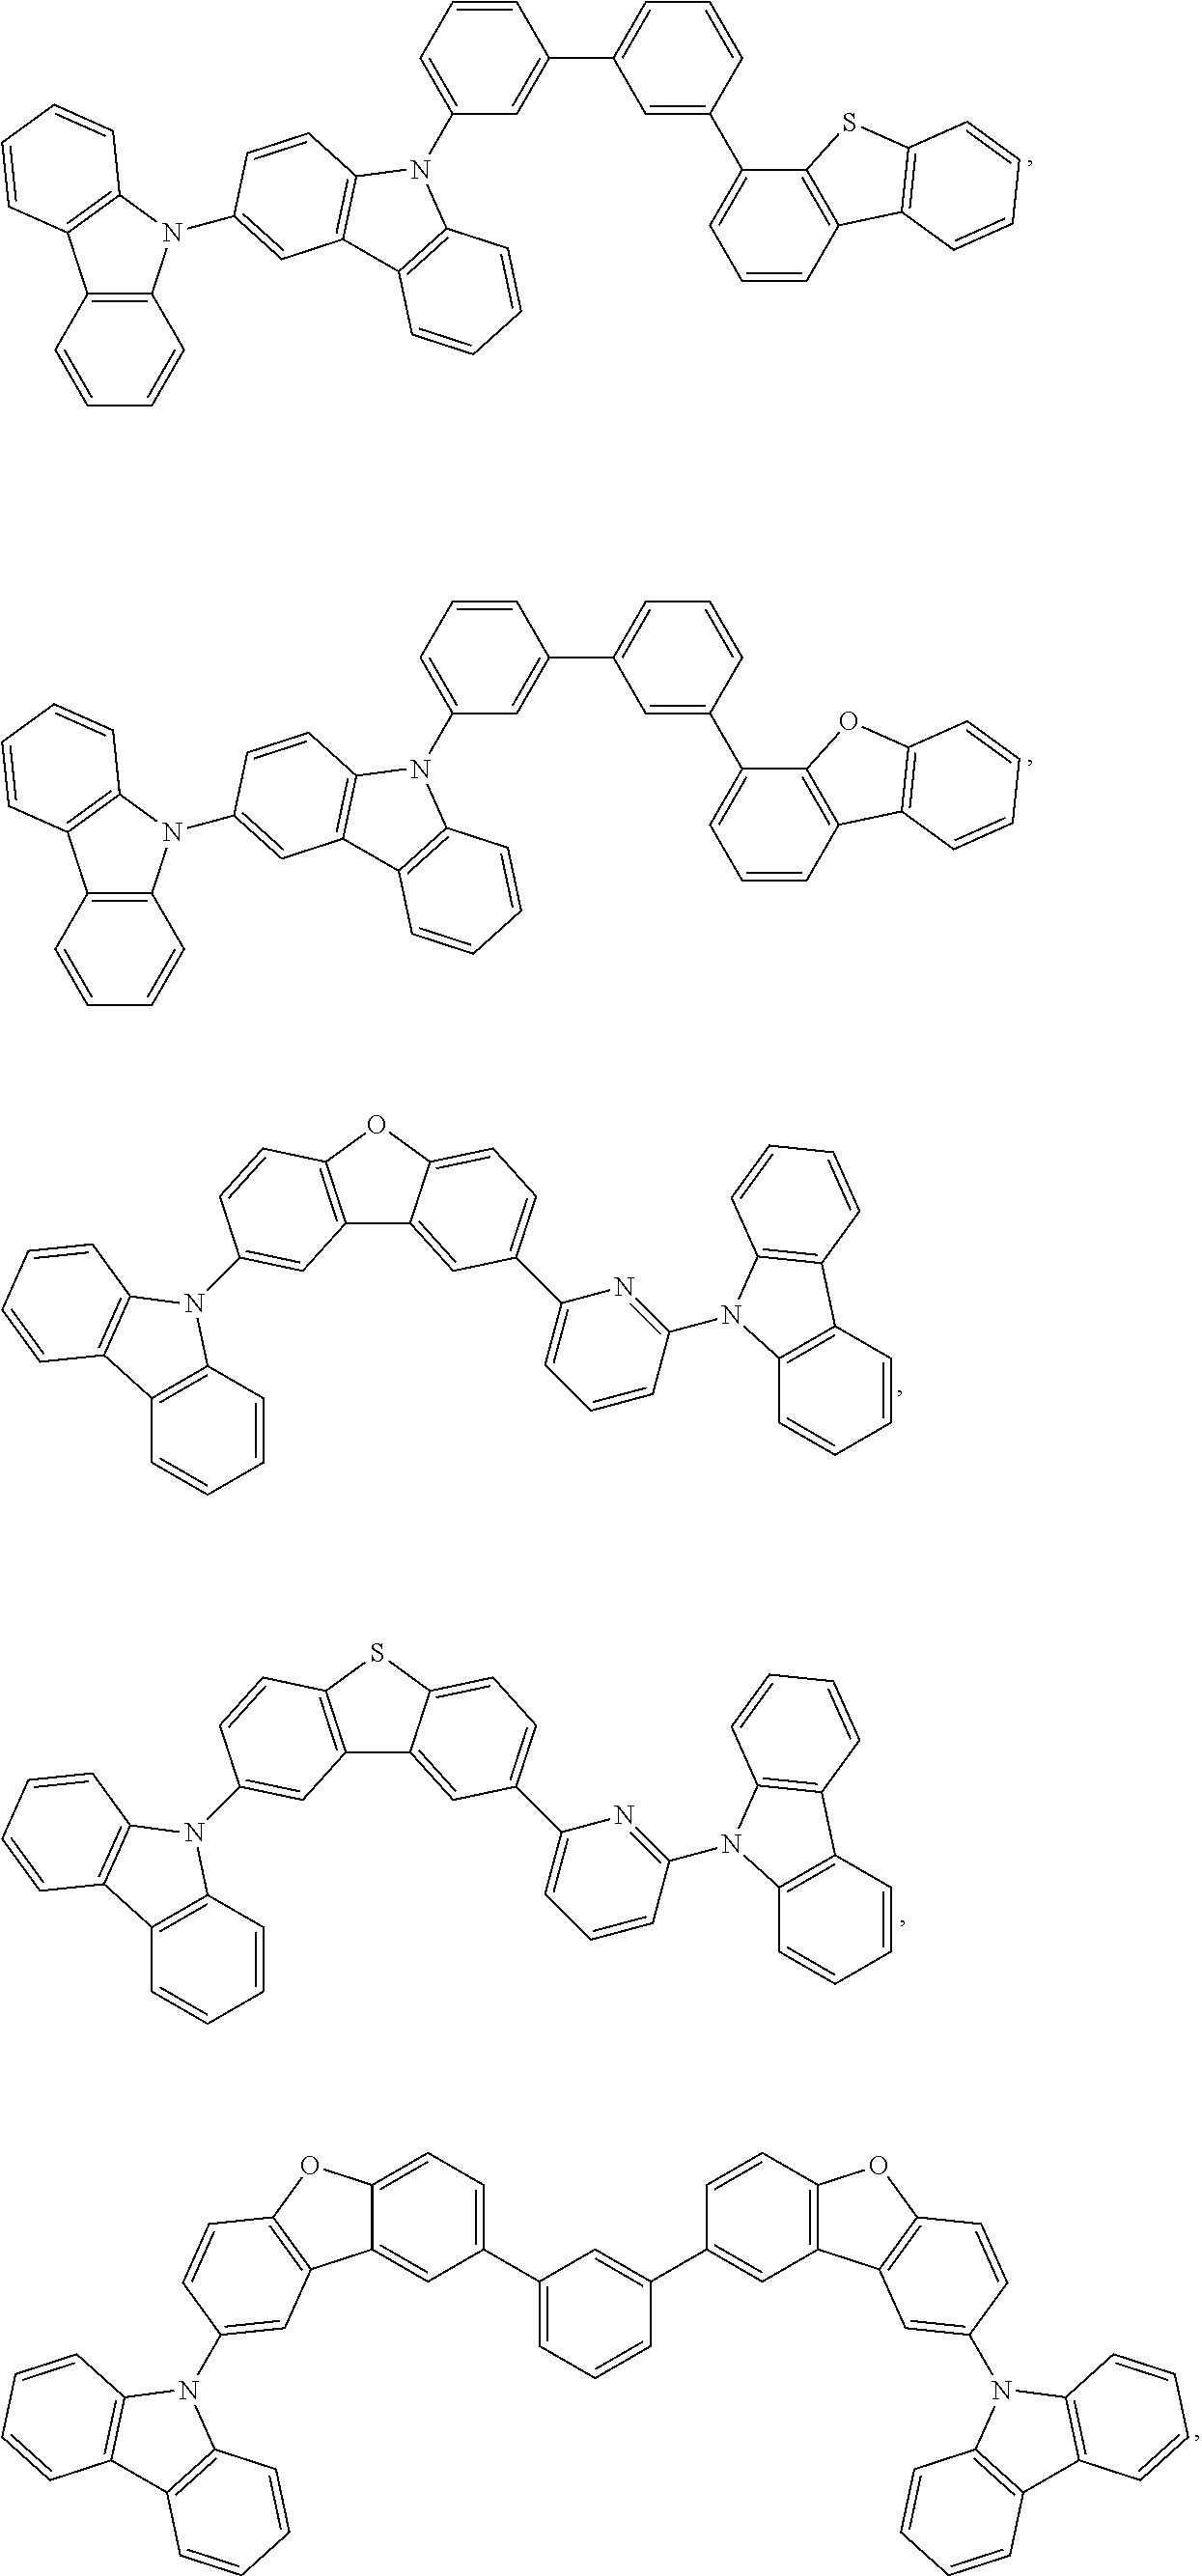 Figure US20180076393A1-20180315-C00087